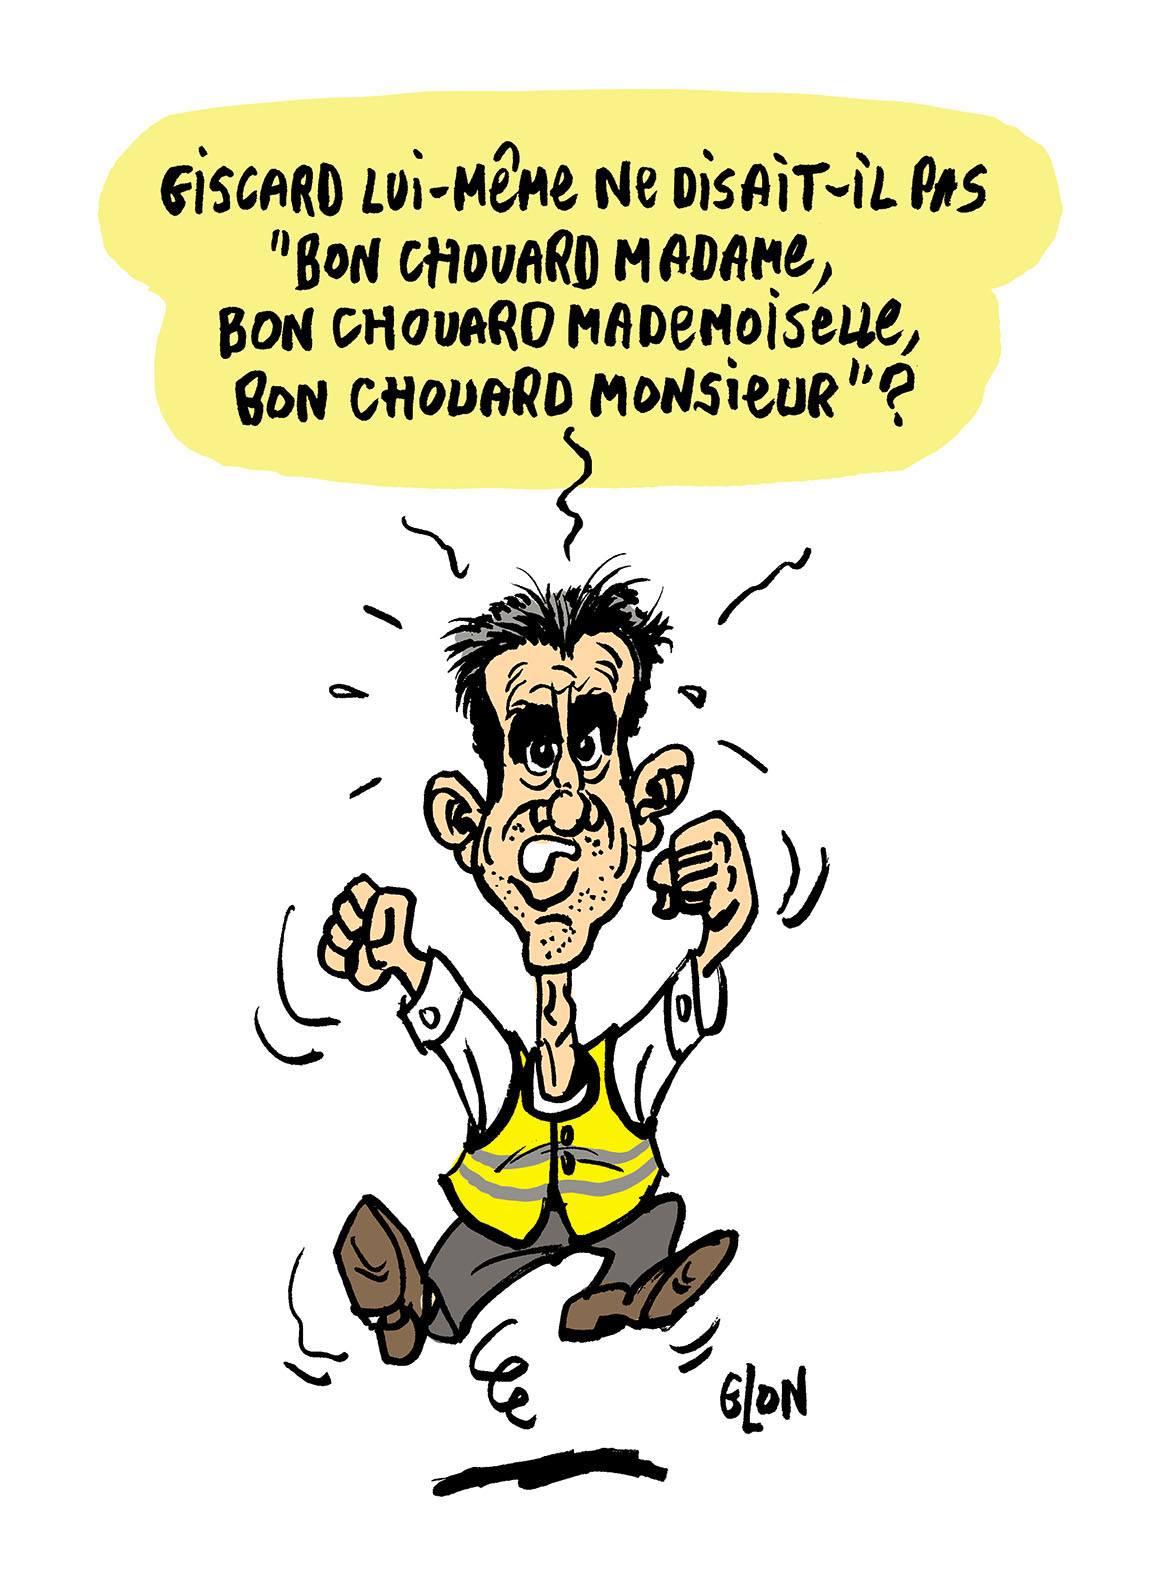 dessin d'actualité humoristique sur François Ruffin et Étienne Chouard